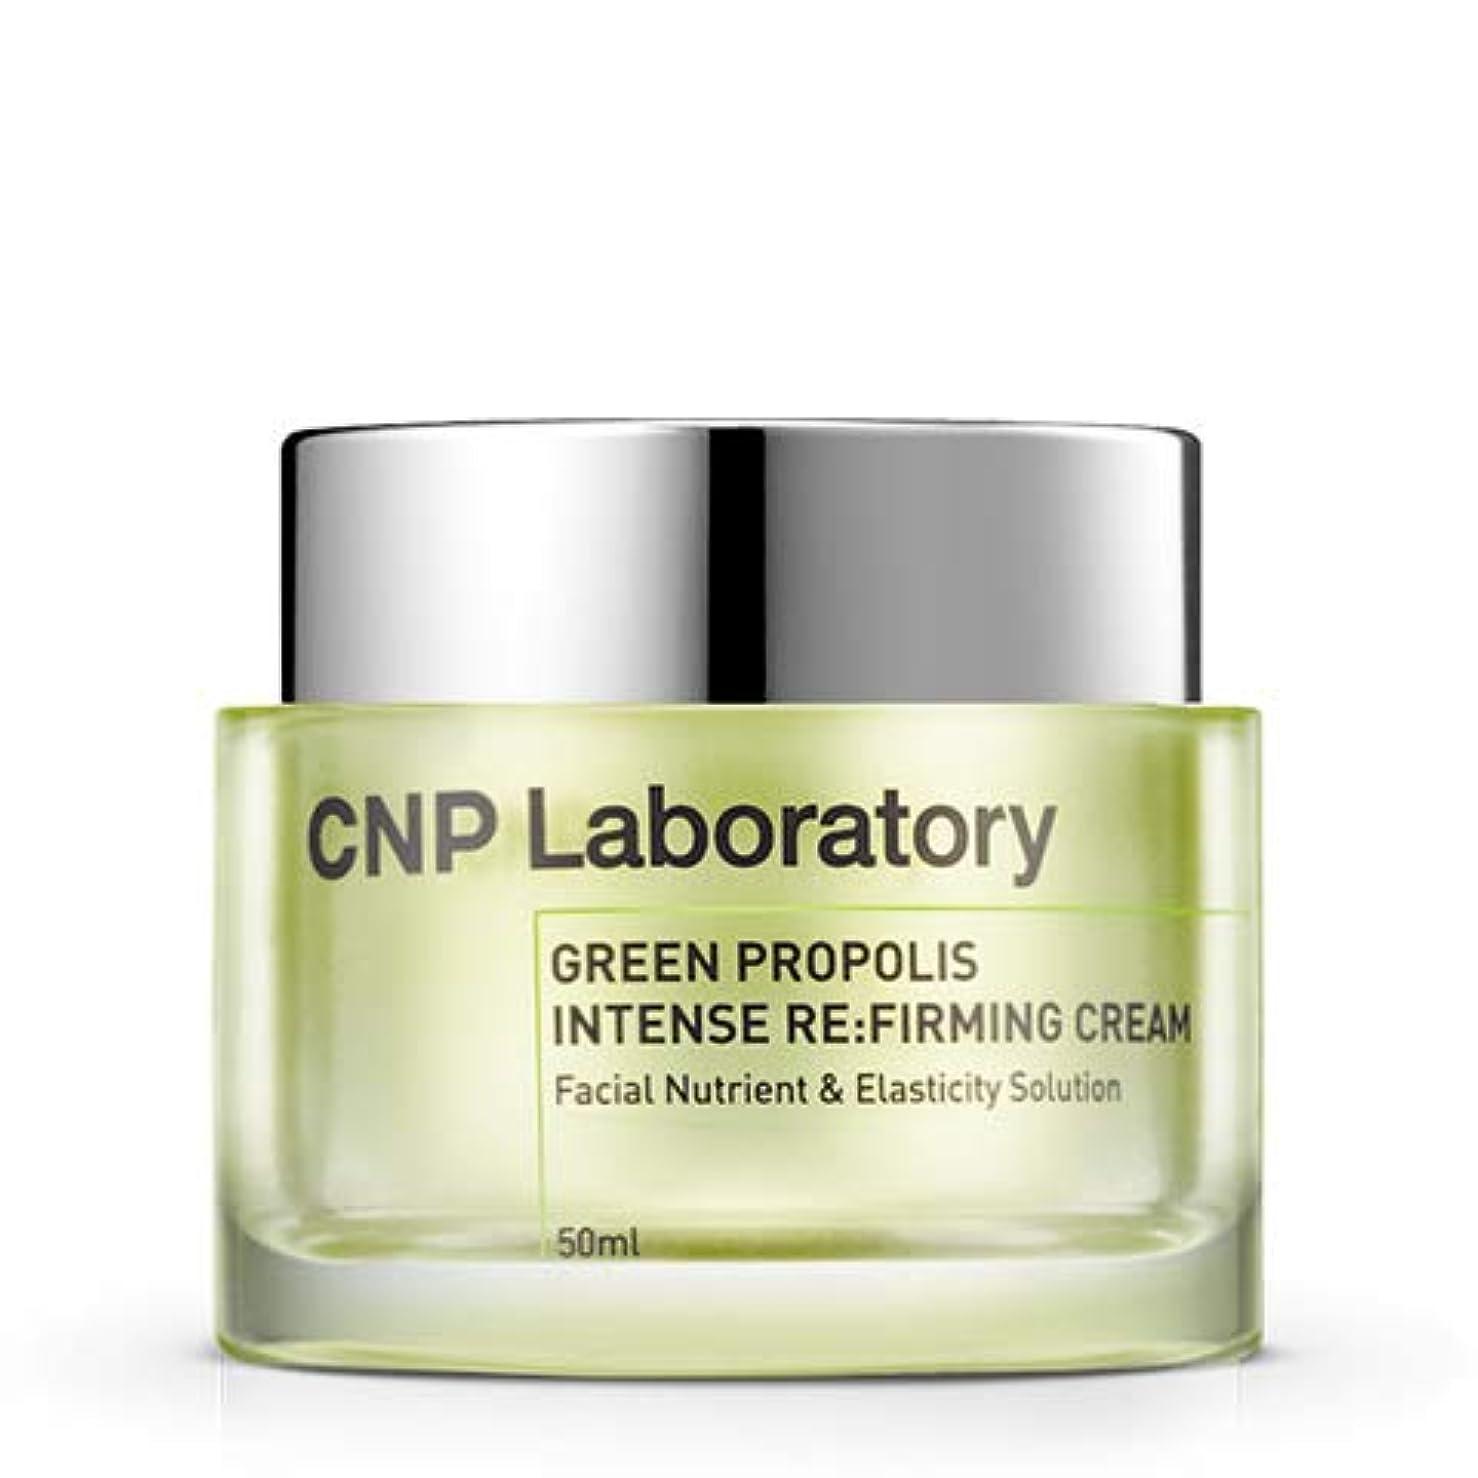 含むセブンいらいらさせるCNP Laboratory グリーンプロポリスインテンス再:ファーミングクリーム/Green Propolis Intense Re:Firming Cream 50ml [並行輸入品]